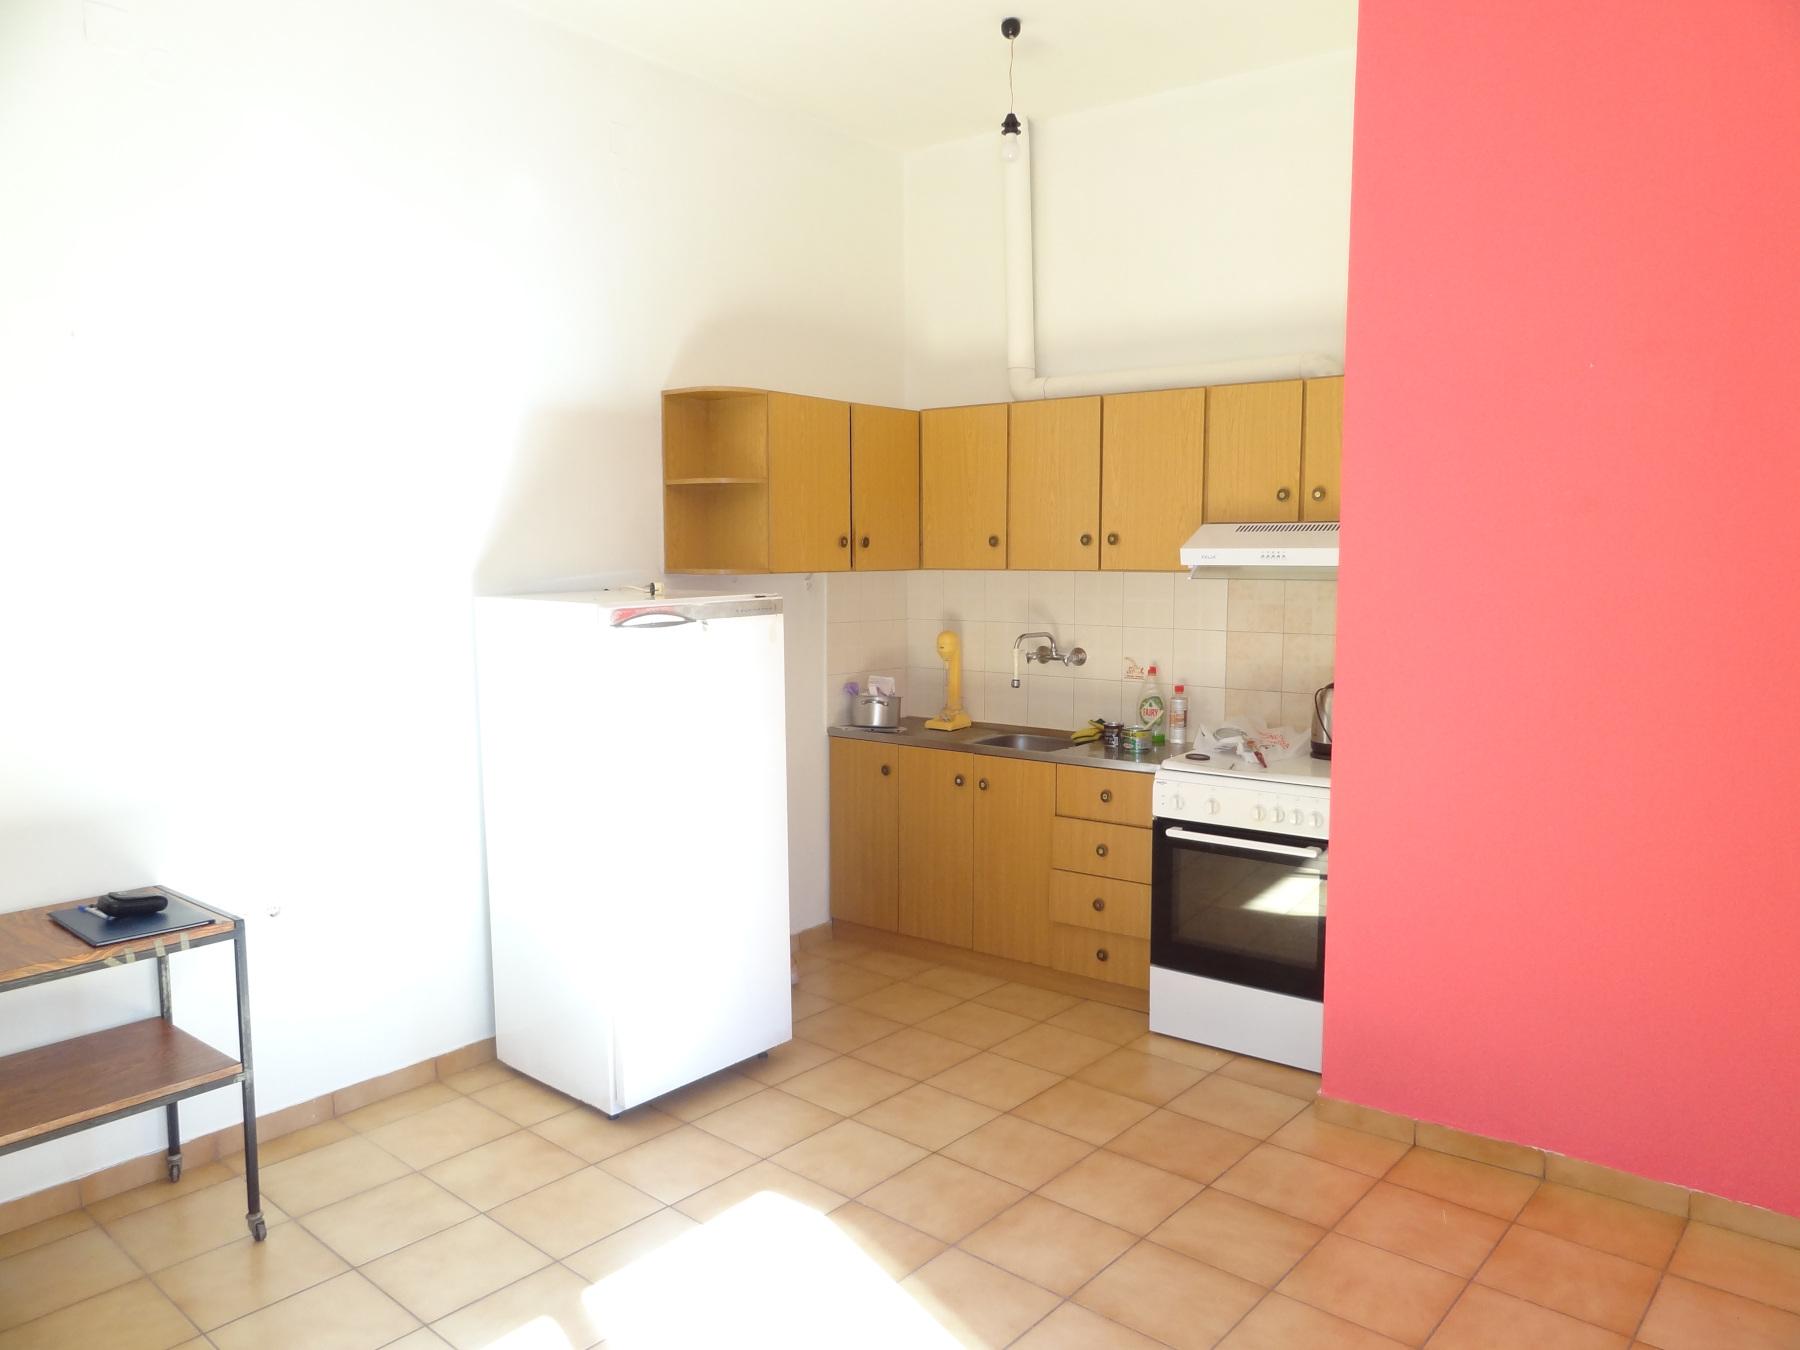 Ενοικιάζεται επιπλωμένο 2αρι διαμέρισμα 45 τ.μ. υπερυψωμένου ισογείου στα Λακκώματα στα Ιωάννινα